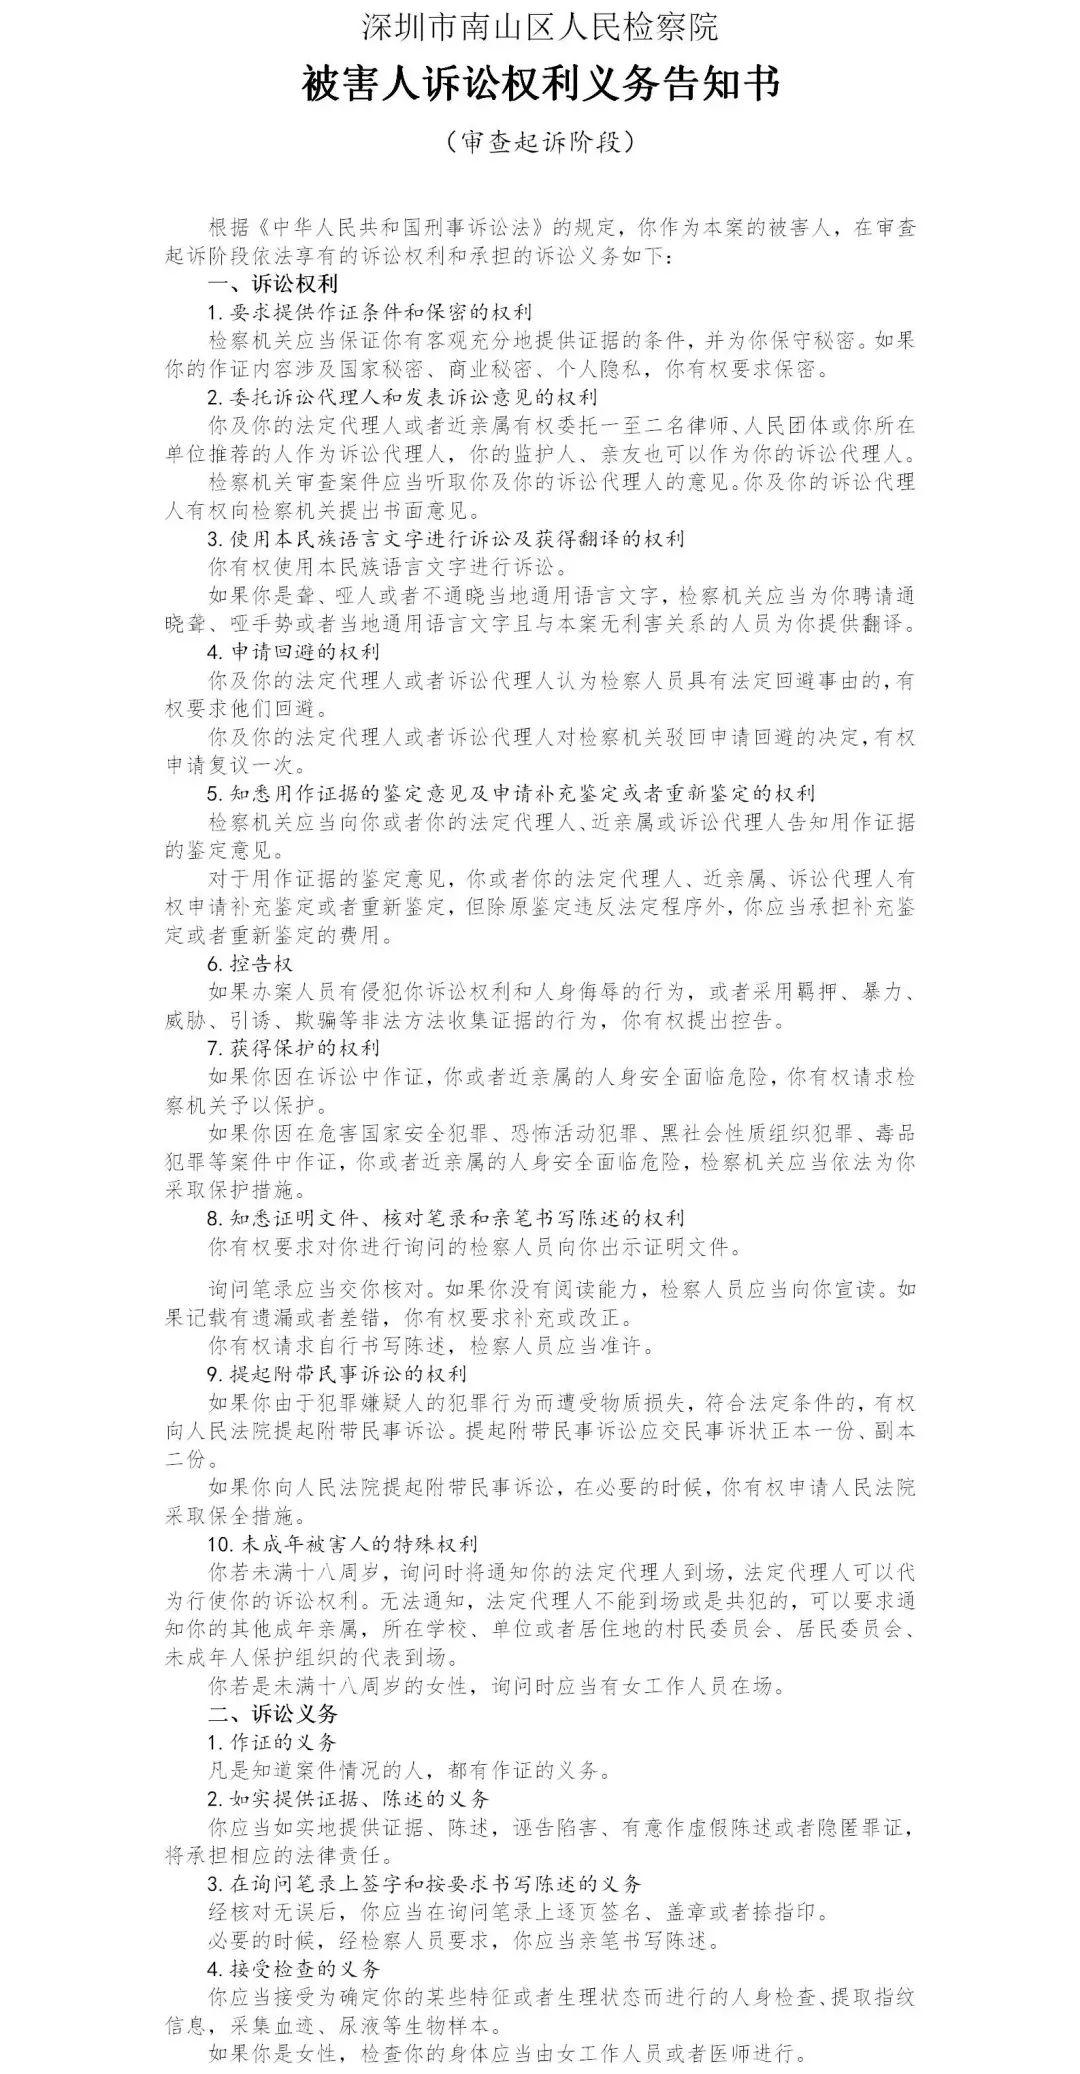 深圳人民检察院公告:利民网案主犯已被起诉